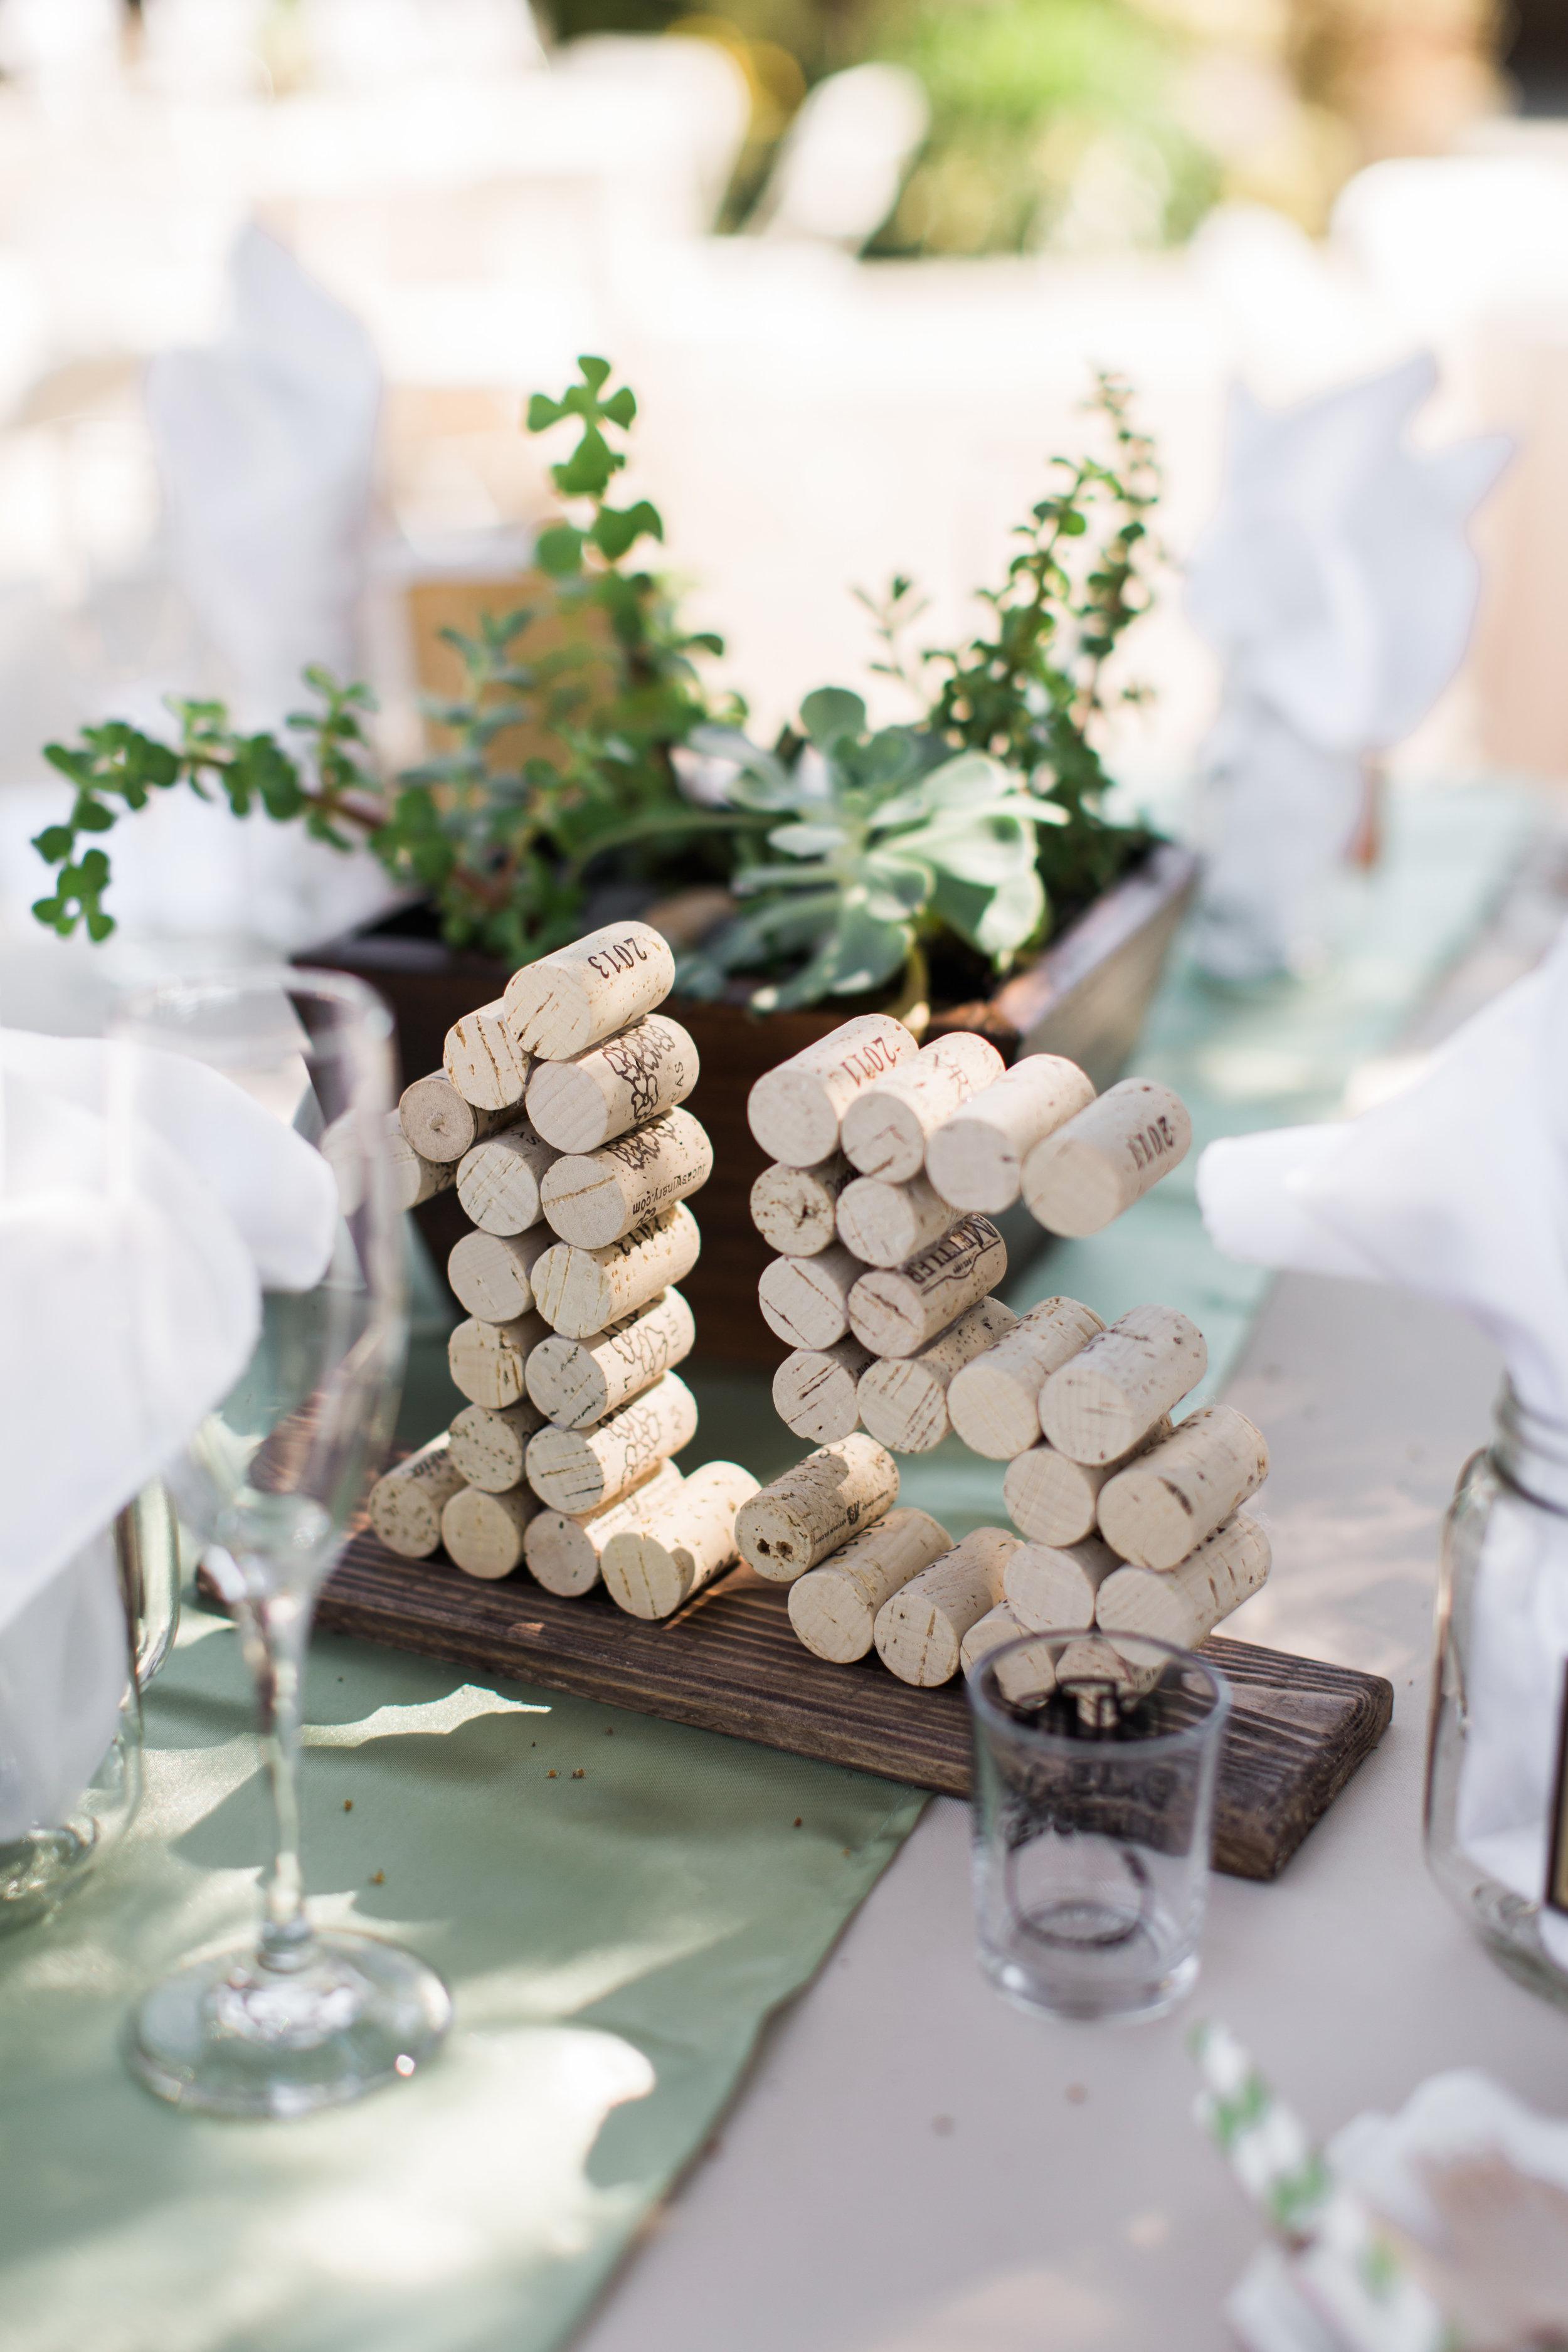 Mettler-family-vineyards-wedding-lodi-california-6332.jpg